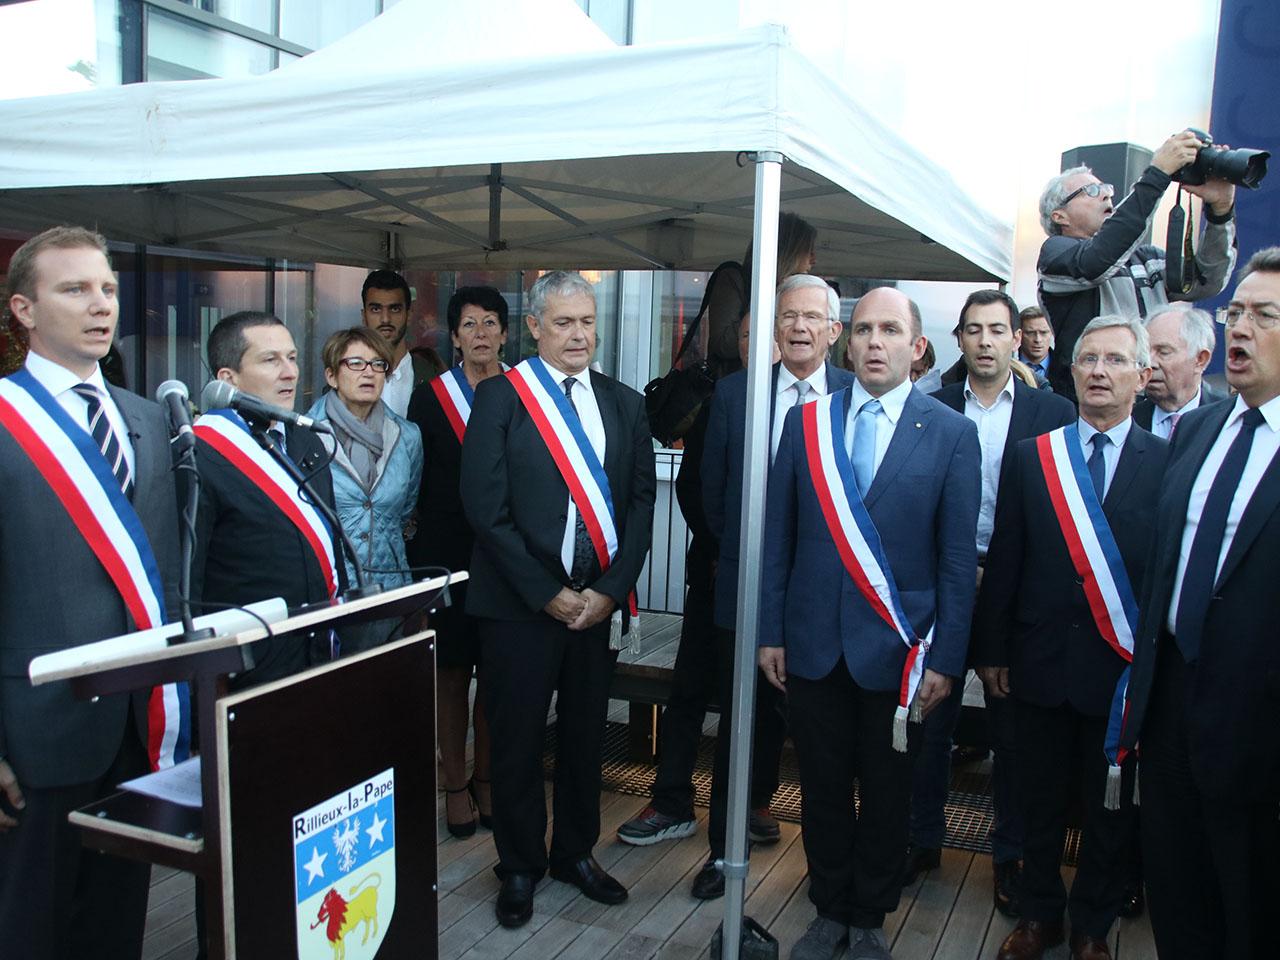 Les officiels lors de la Marseillaise - LyonMag